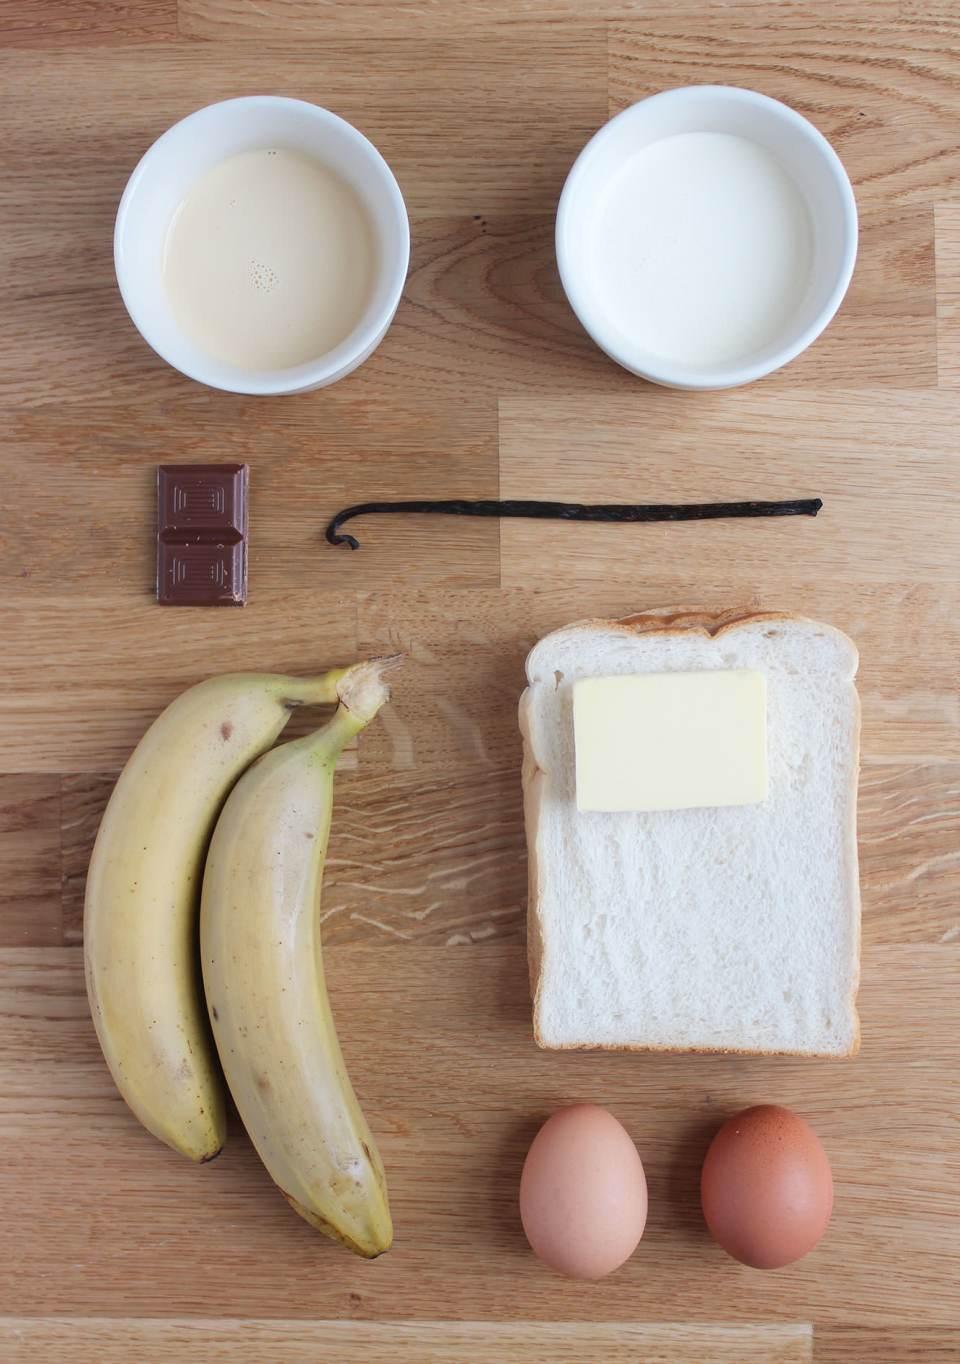 bread-butter-banana-dulche-de-leche-chocolate-pudding-recipe-1